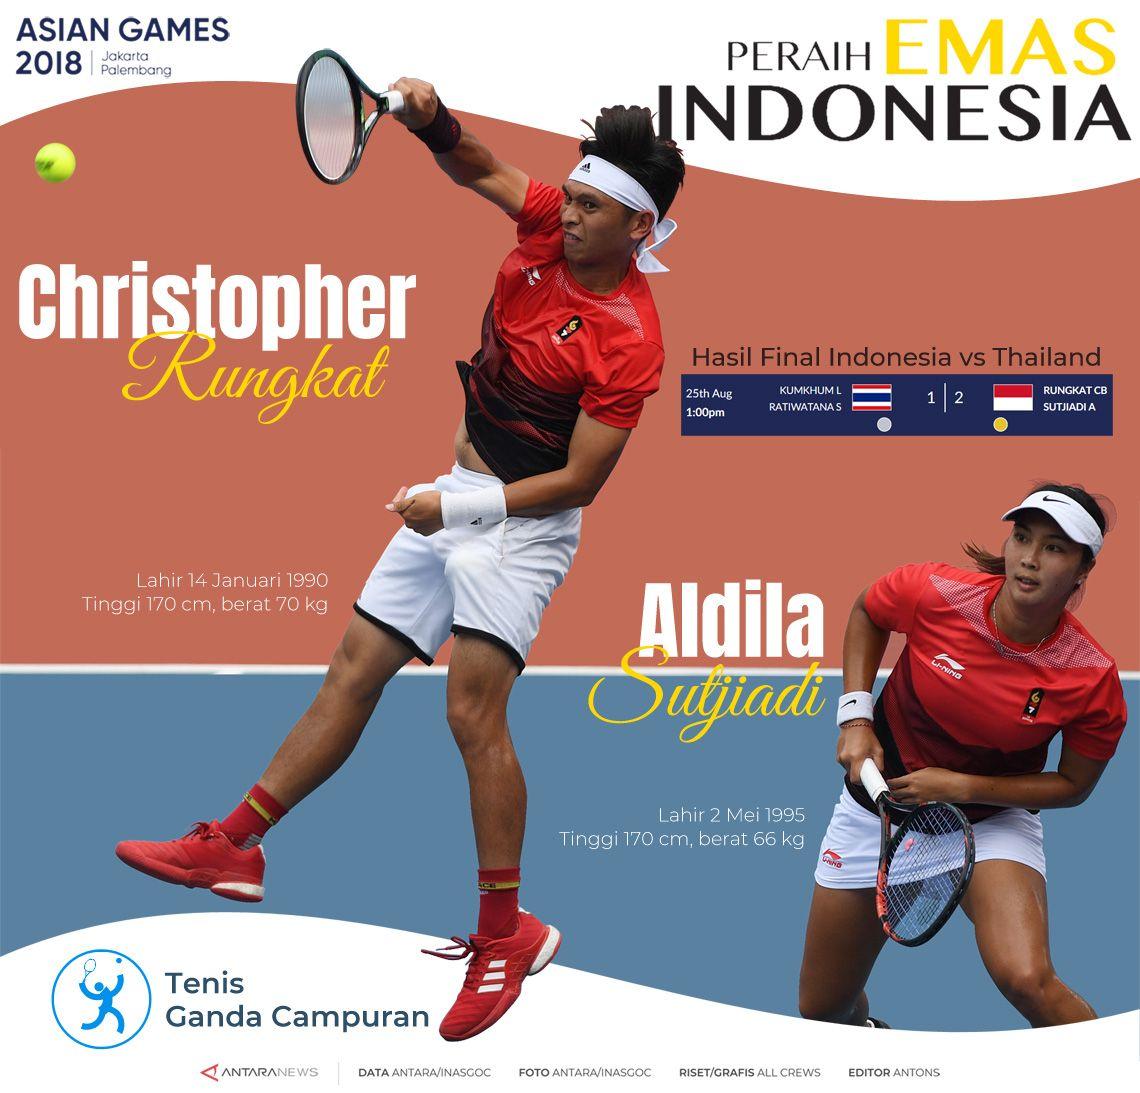 Peraih Emas Indonesia: Christopher Rungkat dan Aldila Sutjiadi